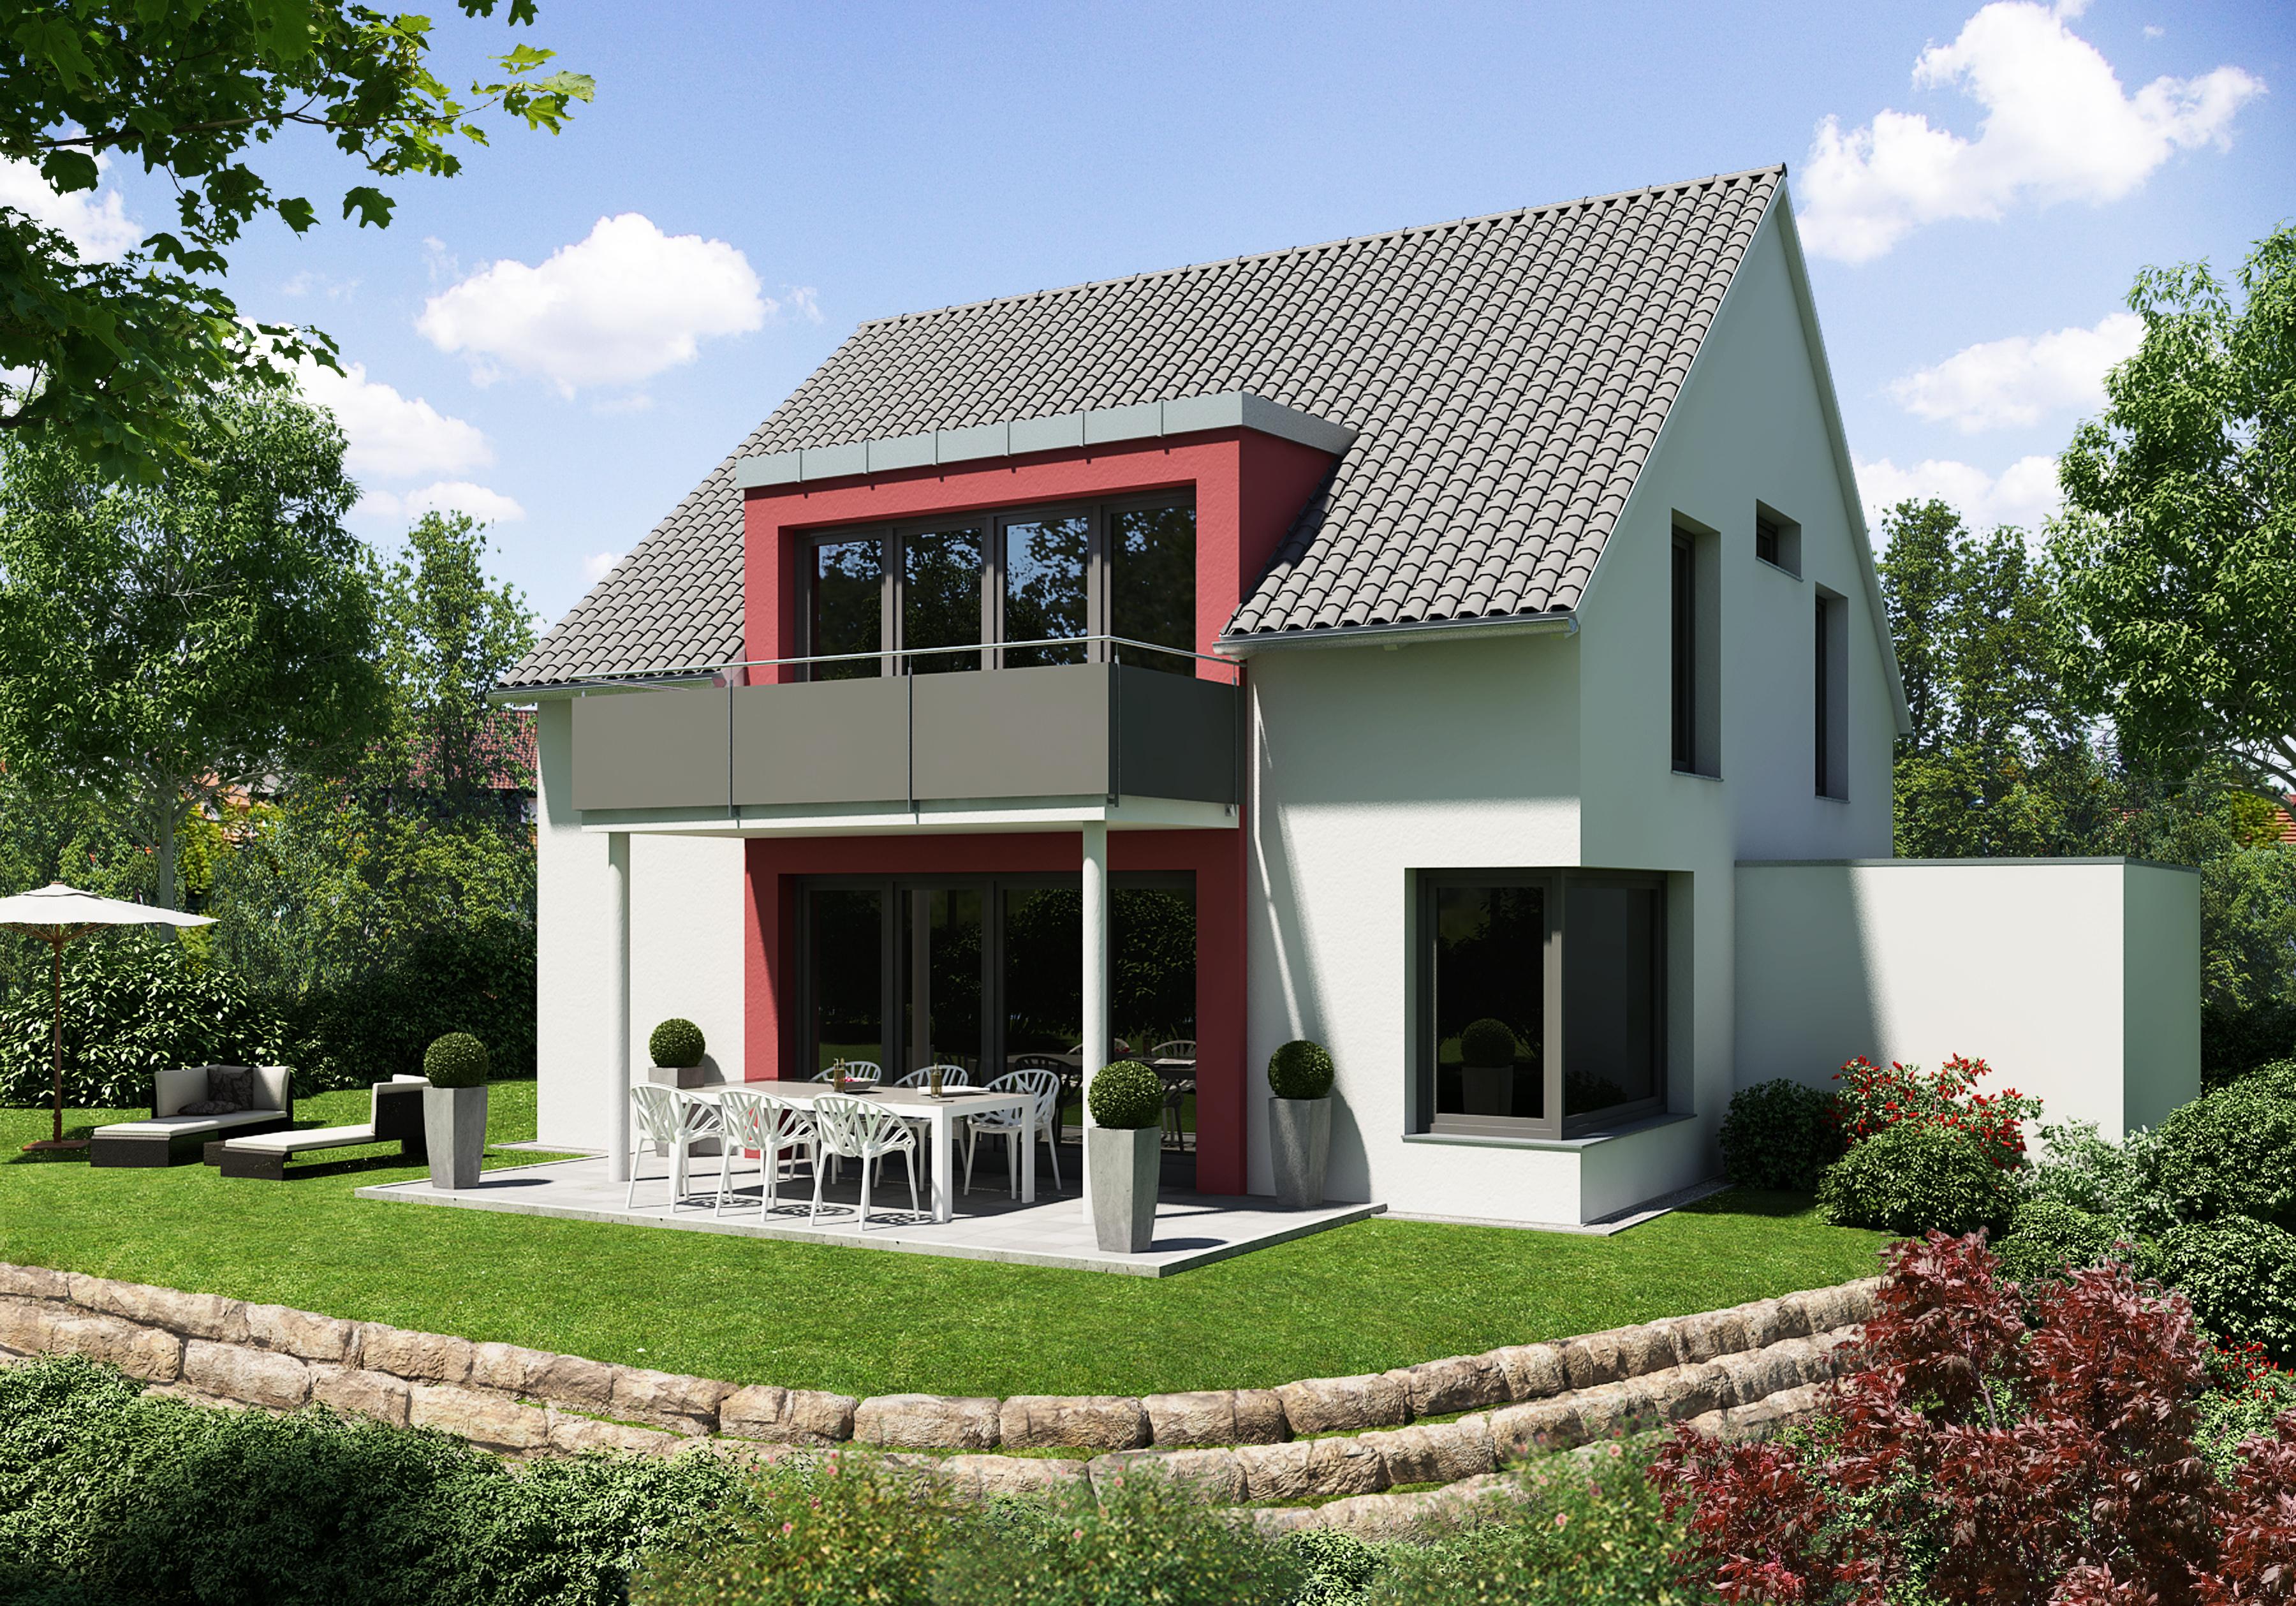 Wunderbar Moderne Einfamilienhäuser Das Beste Von Visu_endversion